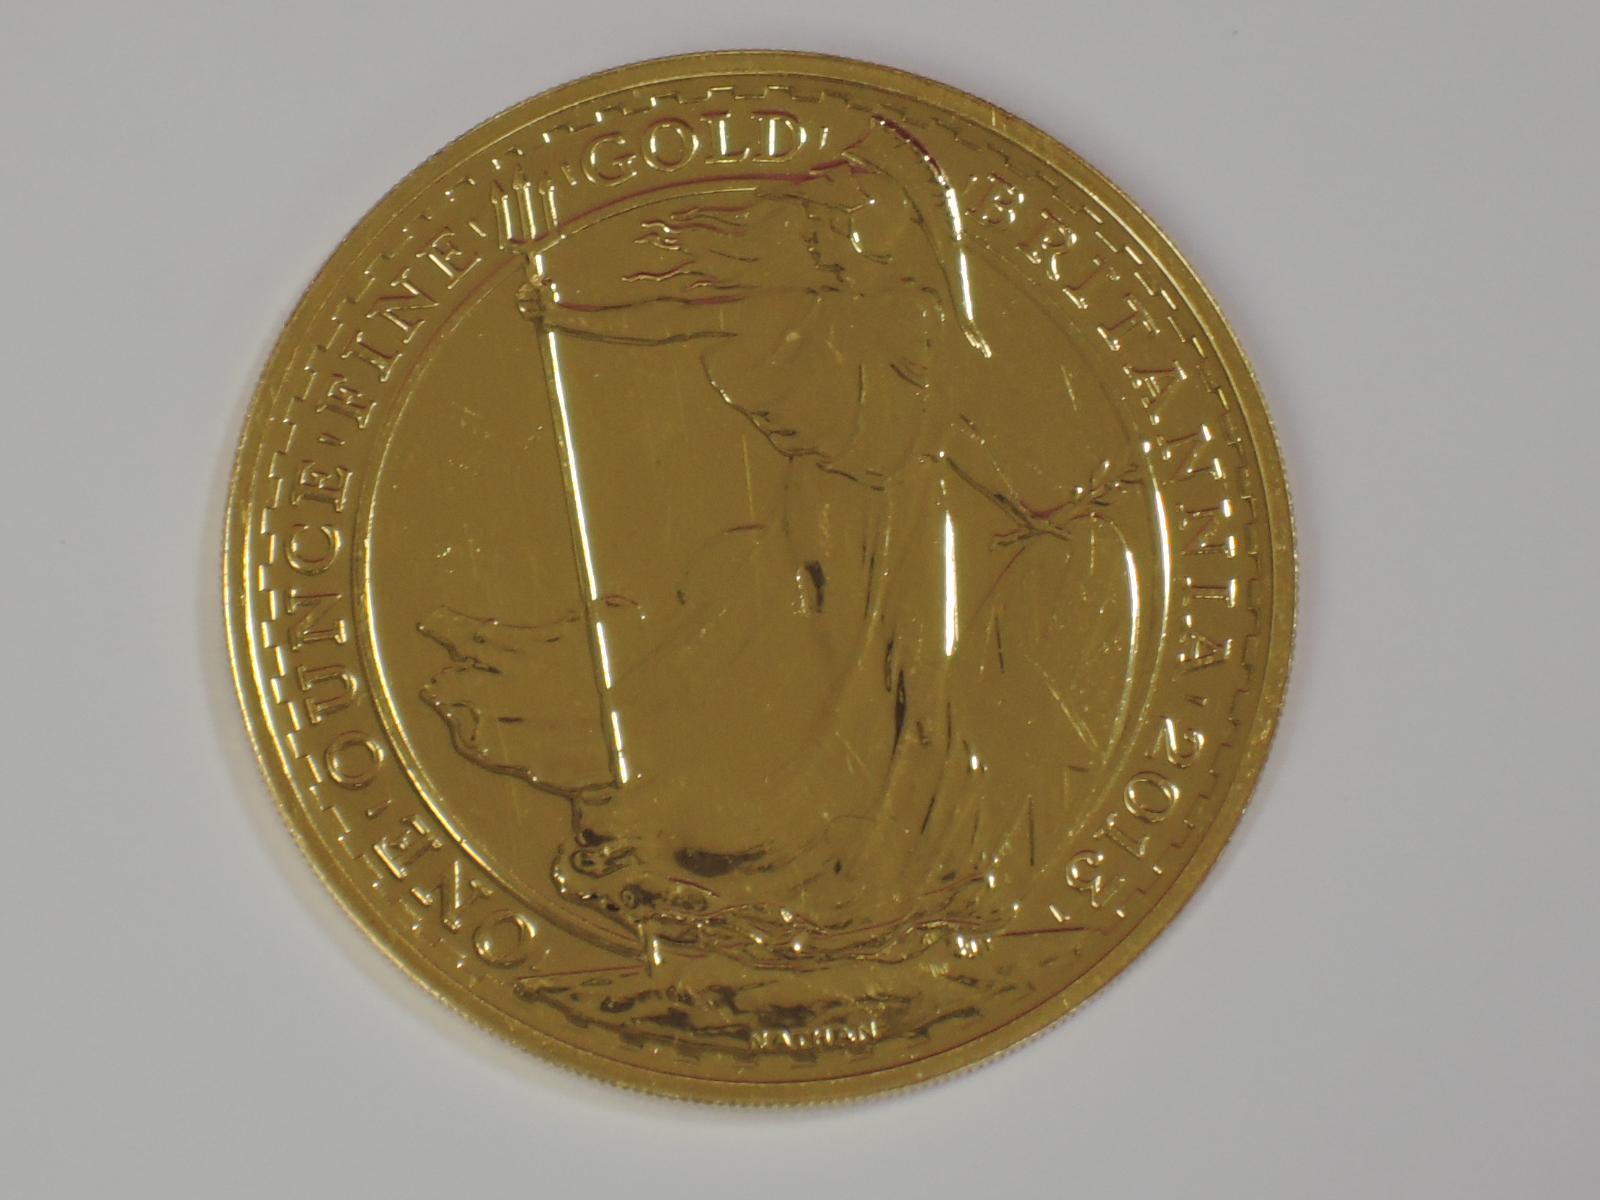 Lot 647 - A gold 1oz 2013 Great Britain Britannia 100 pound coin, in plastic case